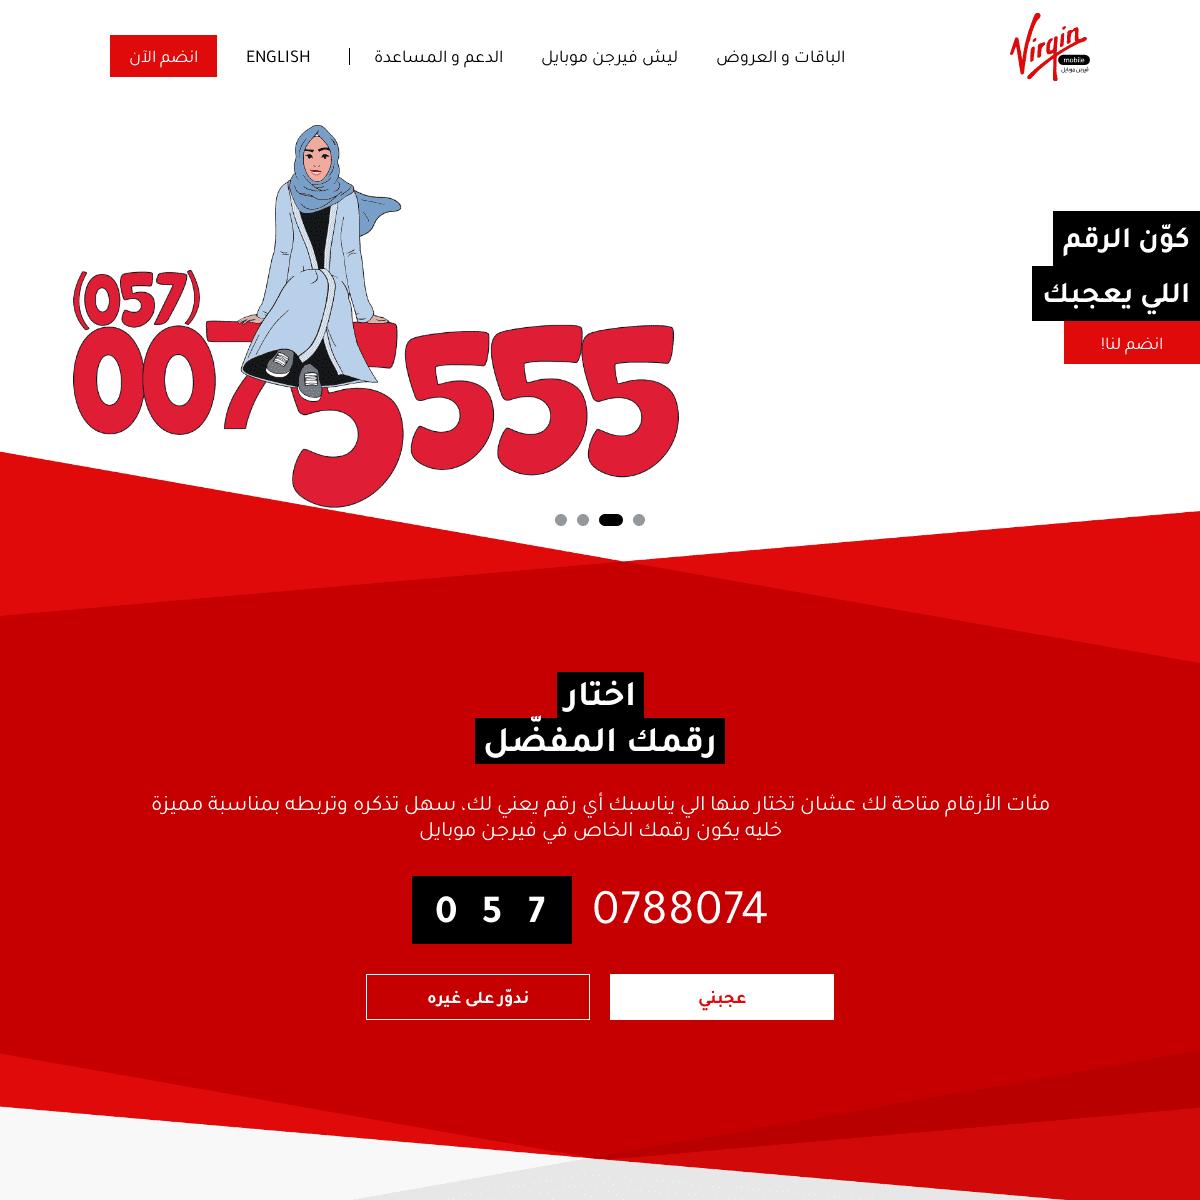 فيرجن موبايل السعودية – For Every You, Get your own plan and number that suits you.